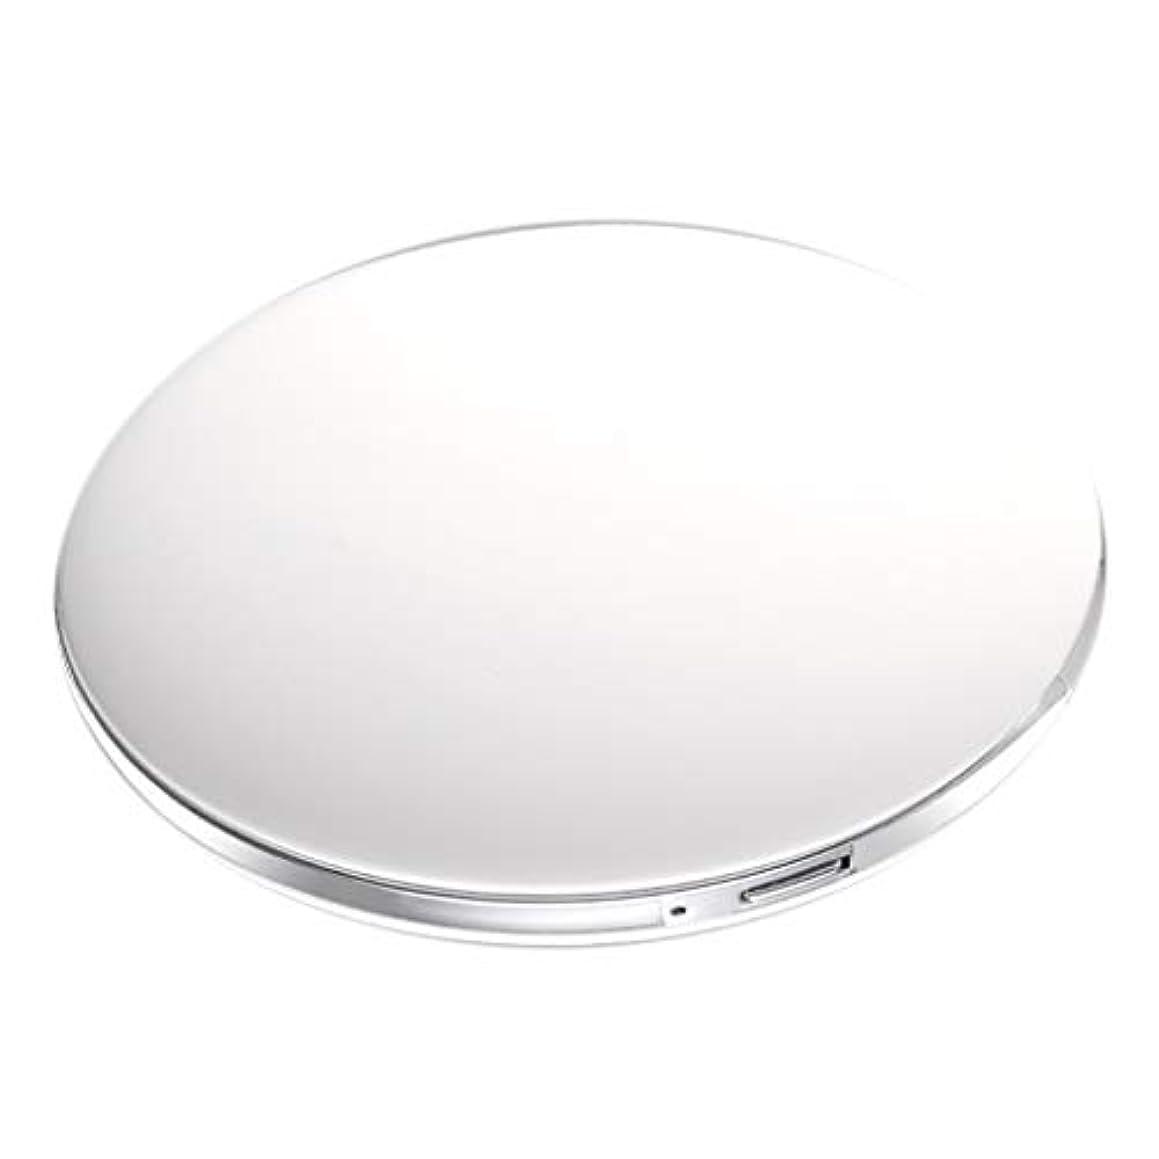 増幅器行方不明呼び起こす両面コンパクトミラー 拡大鏡付き手鏡 LEDミラー 女優ミラー 3倍拡大 折りたたみ式 充電 全5色 - 白